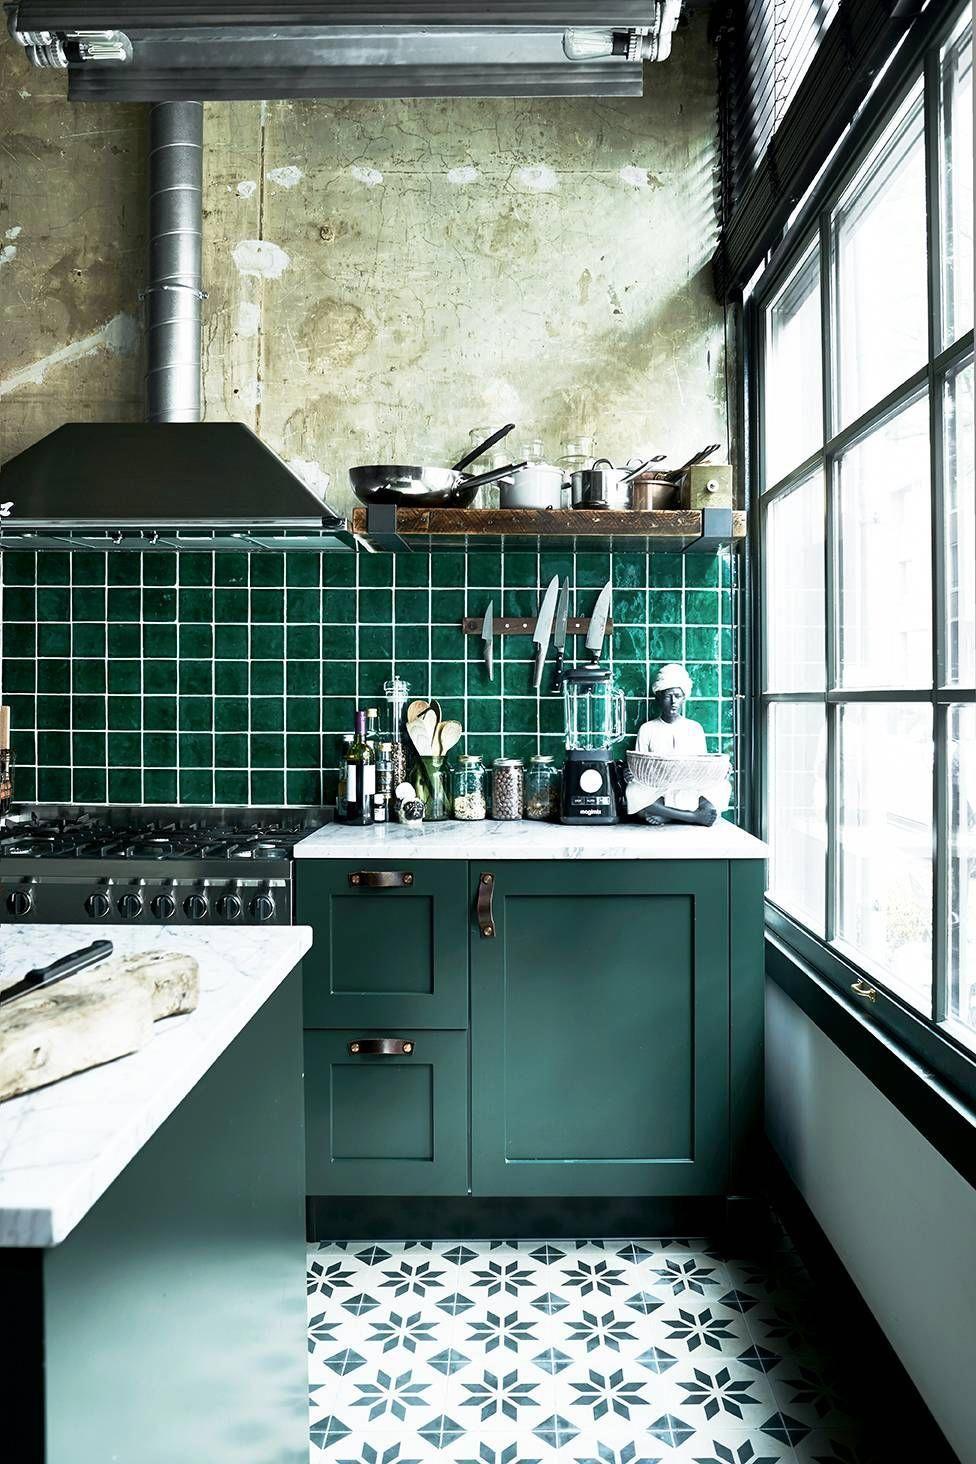 Kitchen Interior Design Elevations Kitcheninteriordesign Keuken Interieur Keuken Inspiratie Keukens